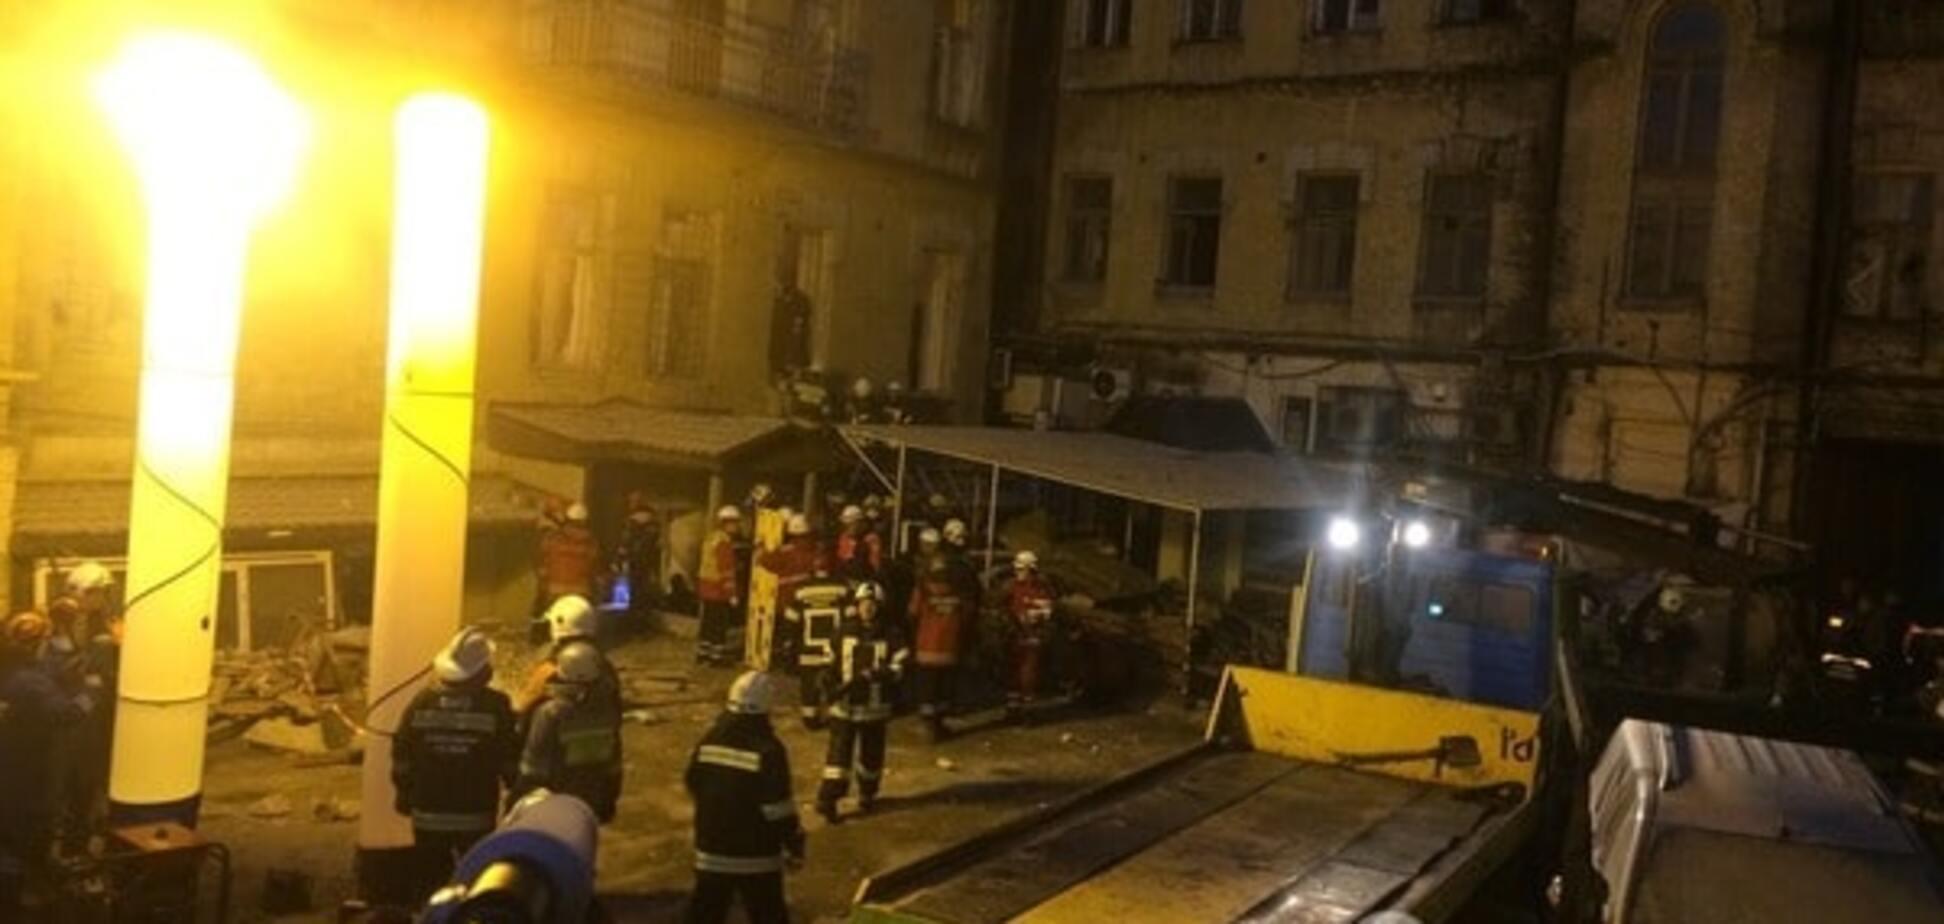 НП у Києві: з одним із потерпілих не вдалося встановити контакт